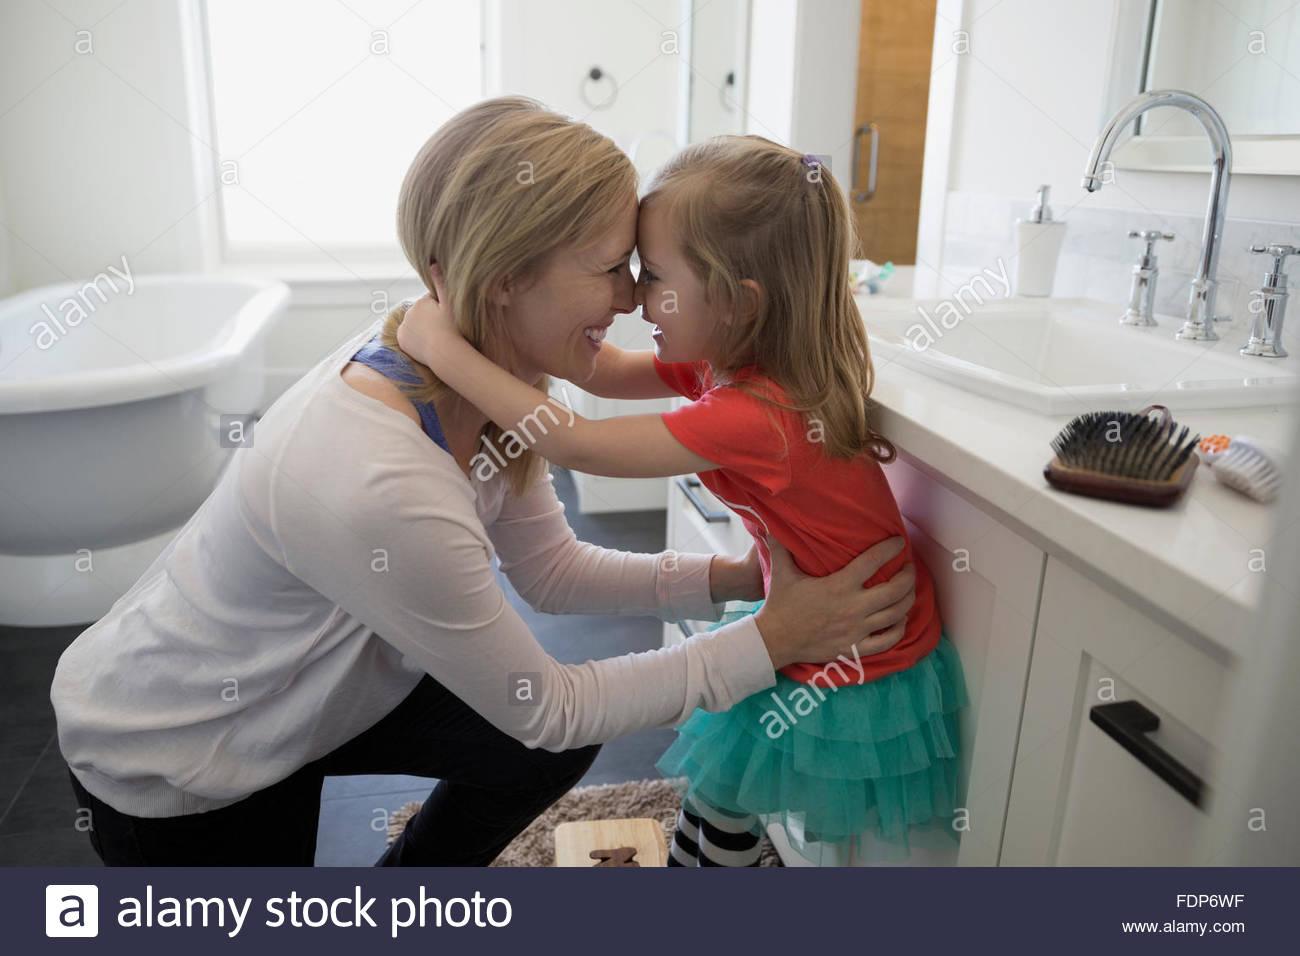 Tendre mère et fille frottant le nez dans la salle de bains Photo Stock